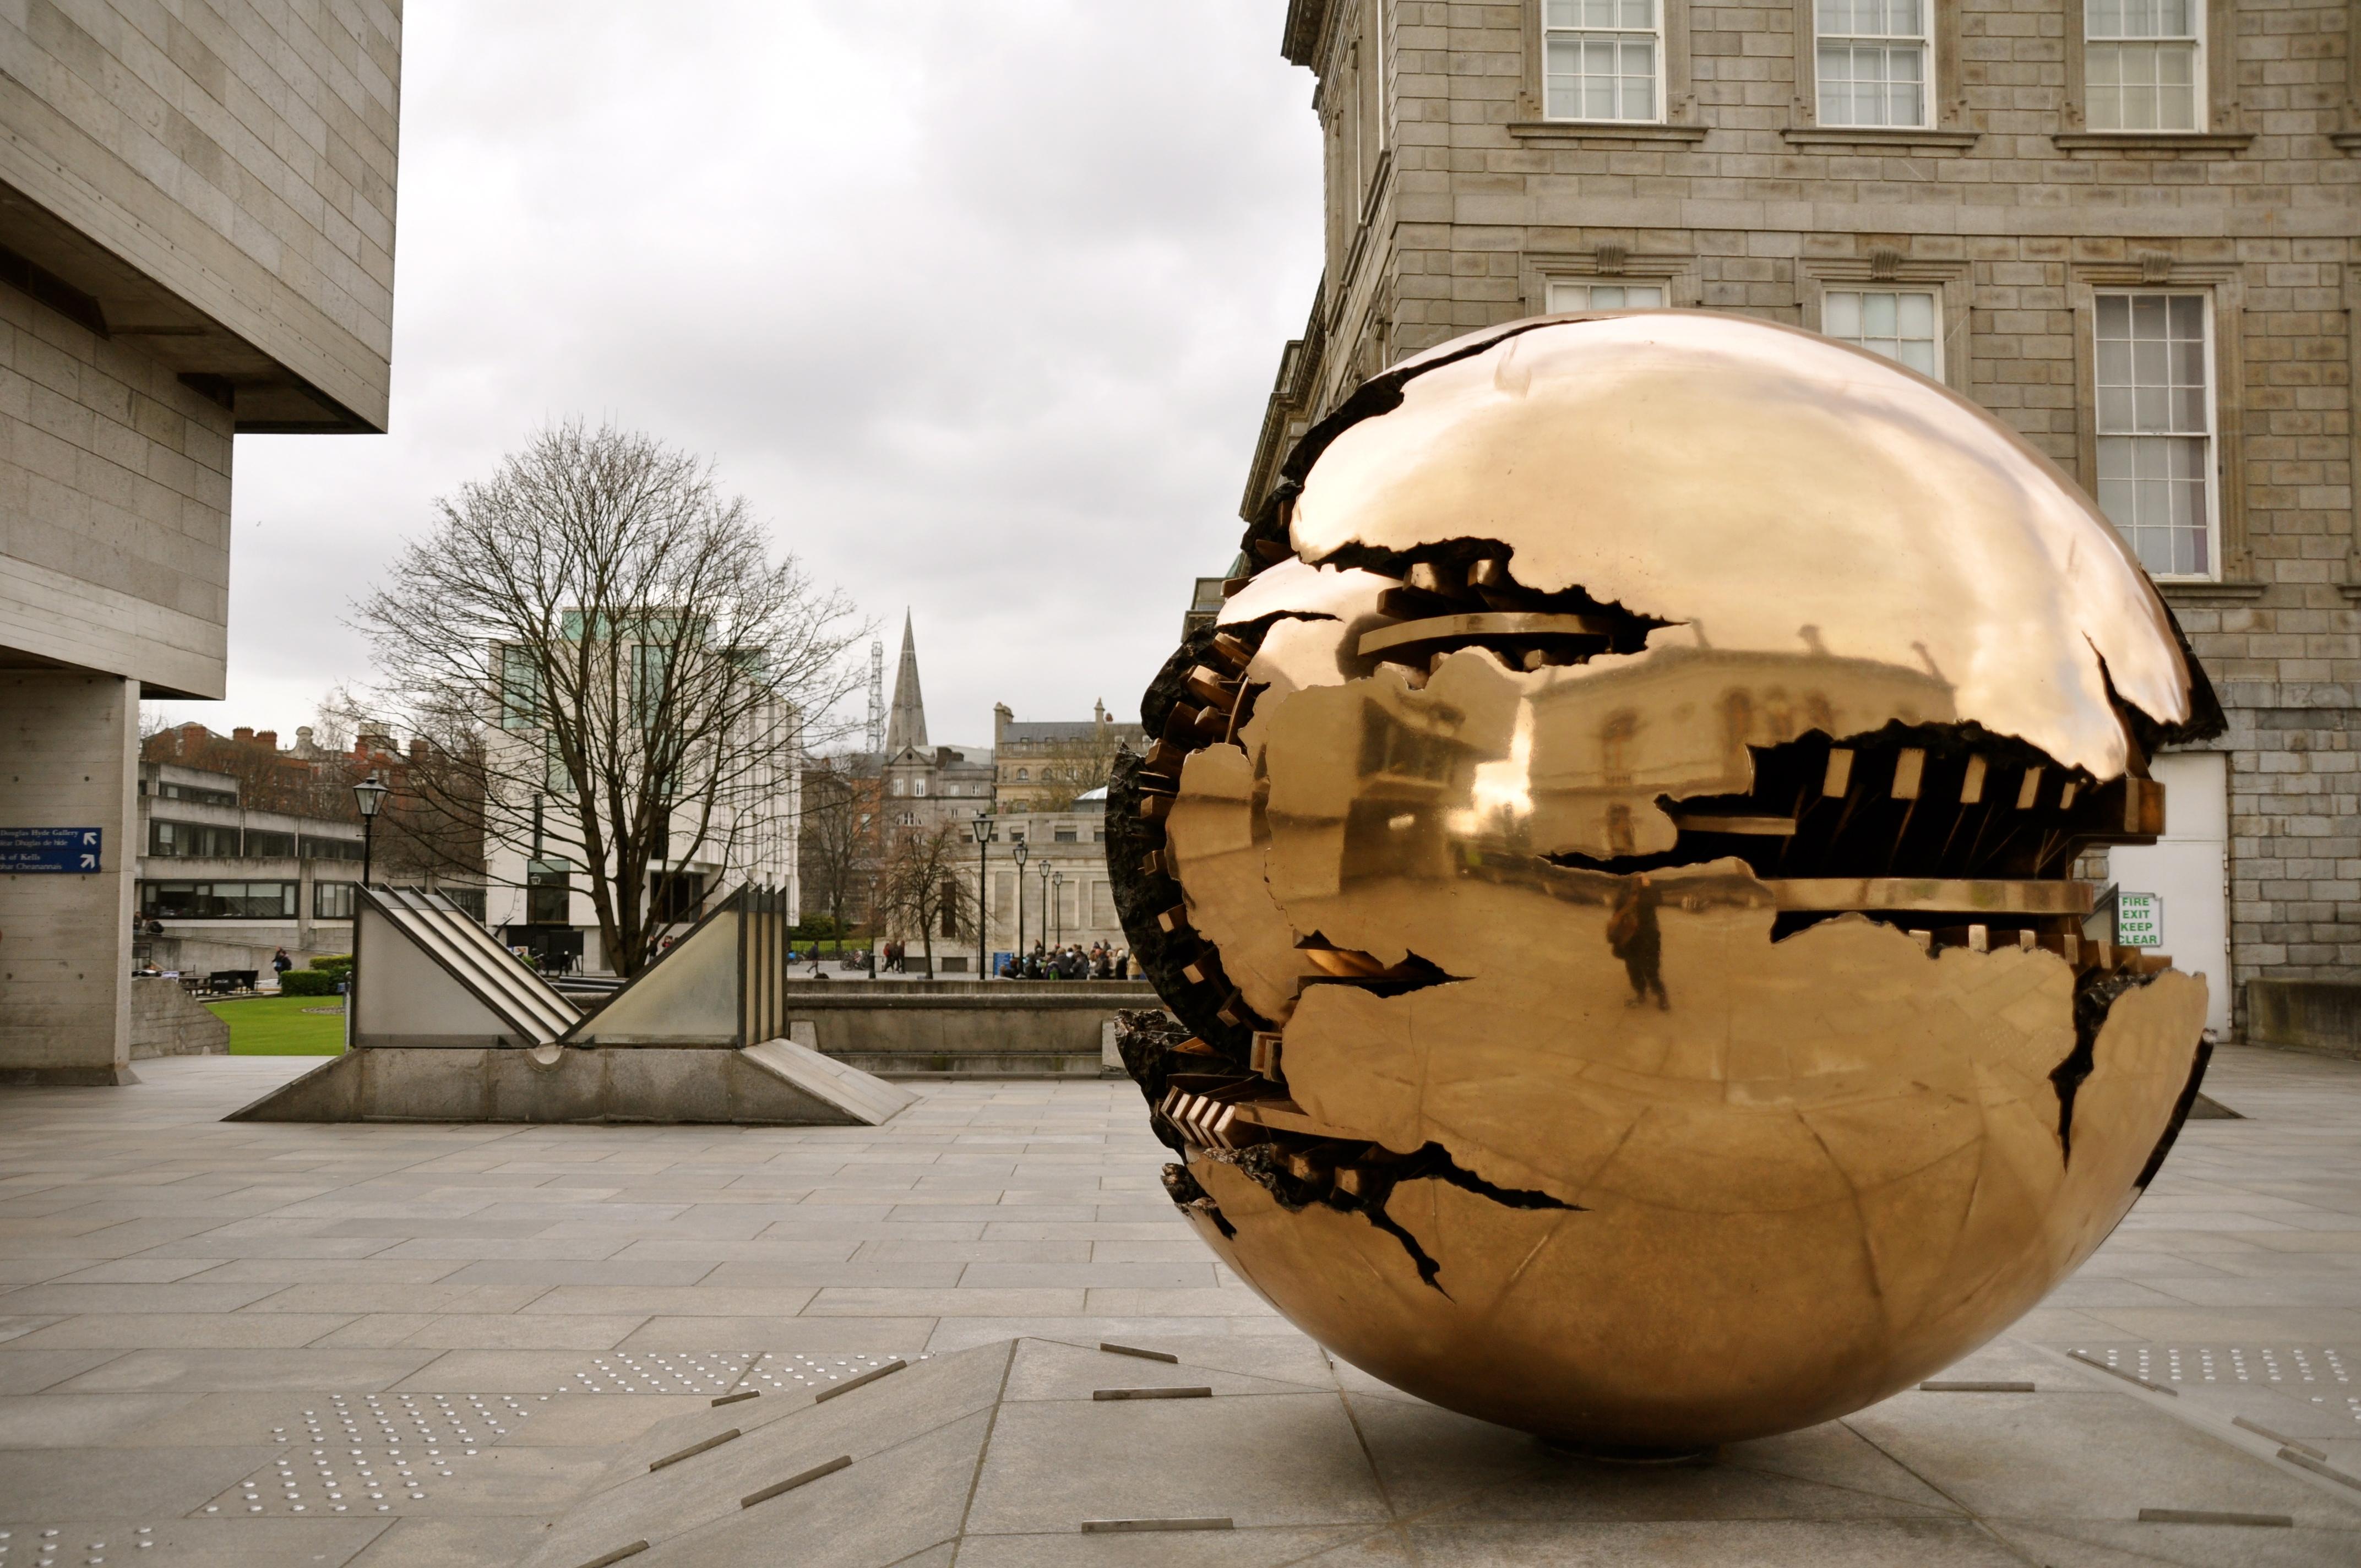 Sfera con sfera - Arnaldo Pomodoro olasz szobrász alkotása. Különböző verziói más híres épületeknél is láthatóak, például a Vatikánban  vagy New Yorkban.